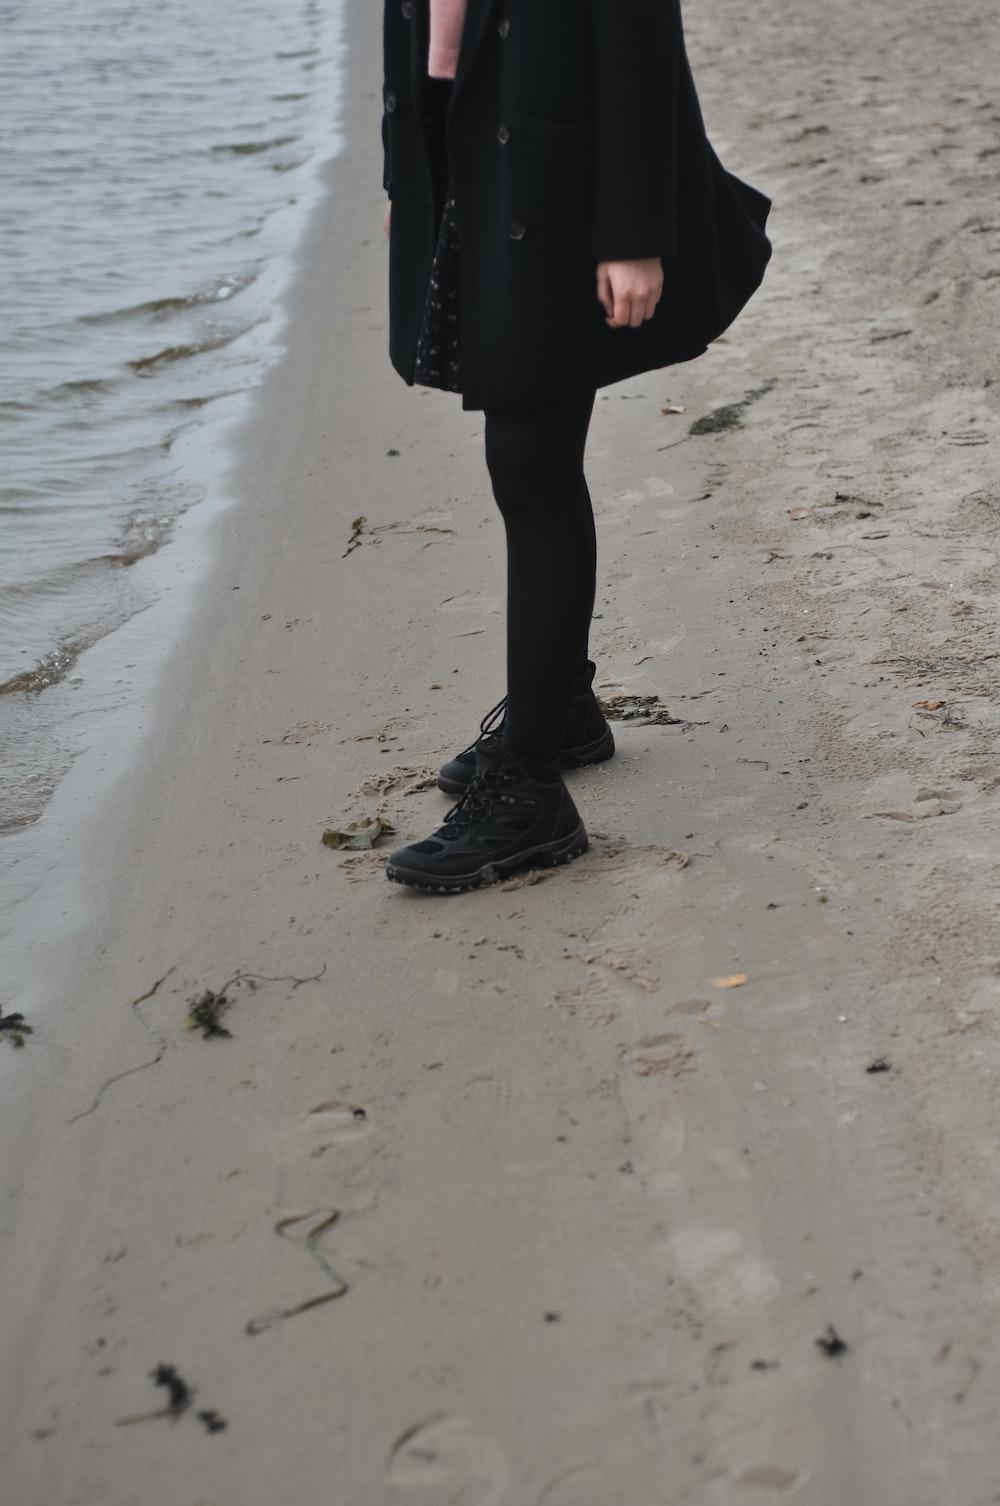 person stands near shore